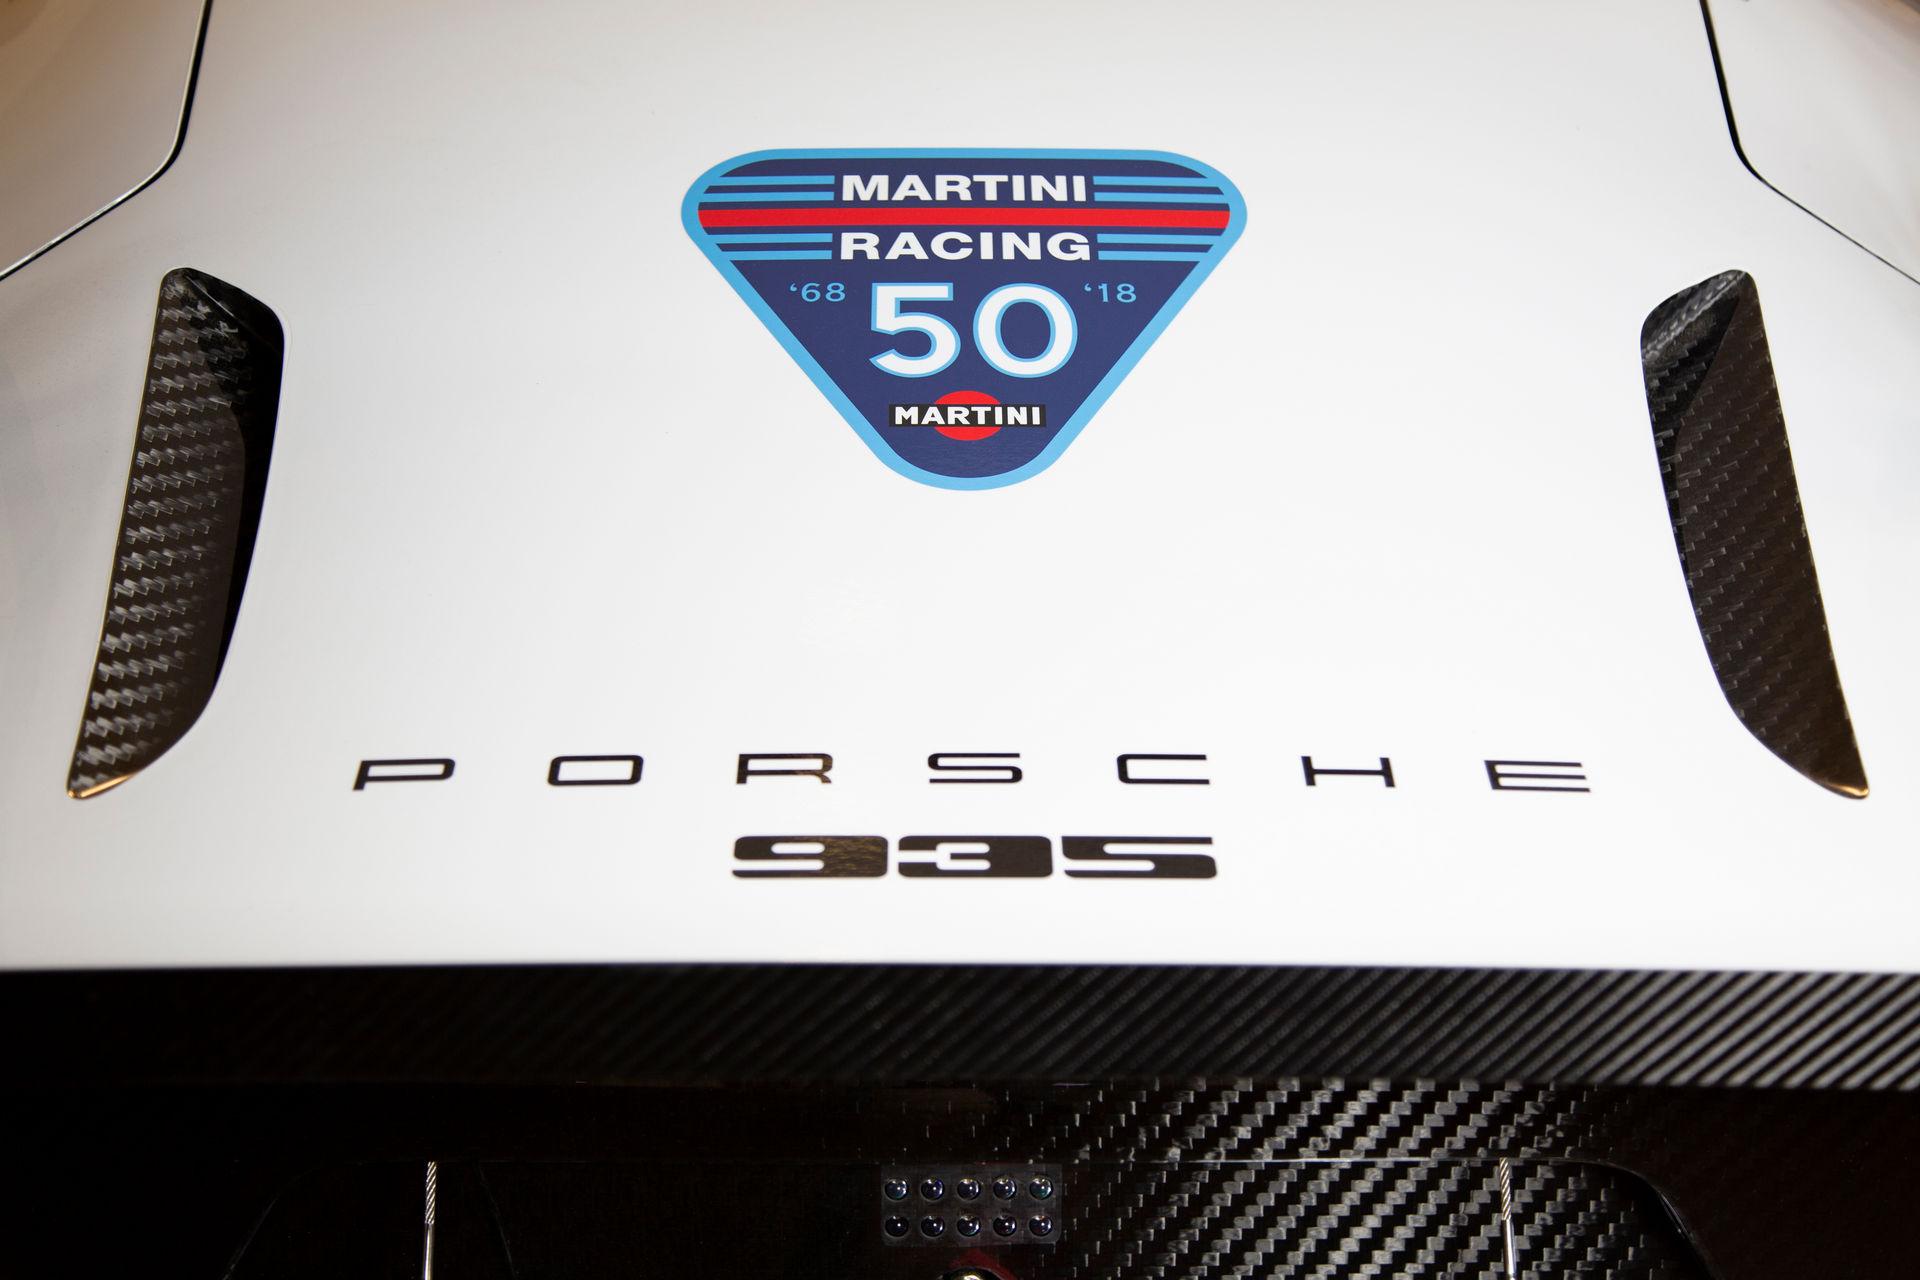 2020_Porsche_935_Martini_Livery_sale_0005